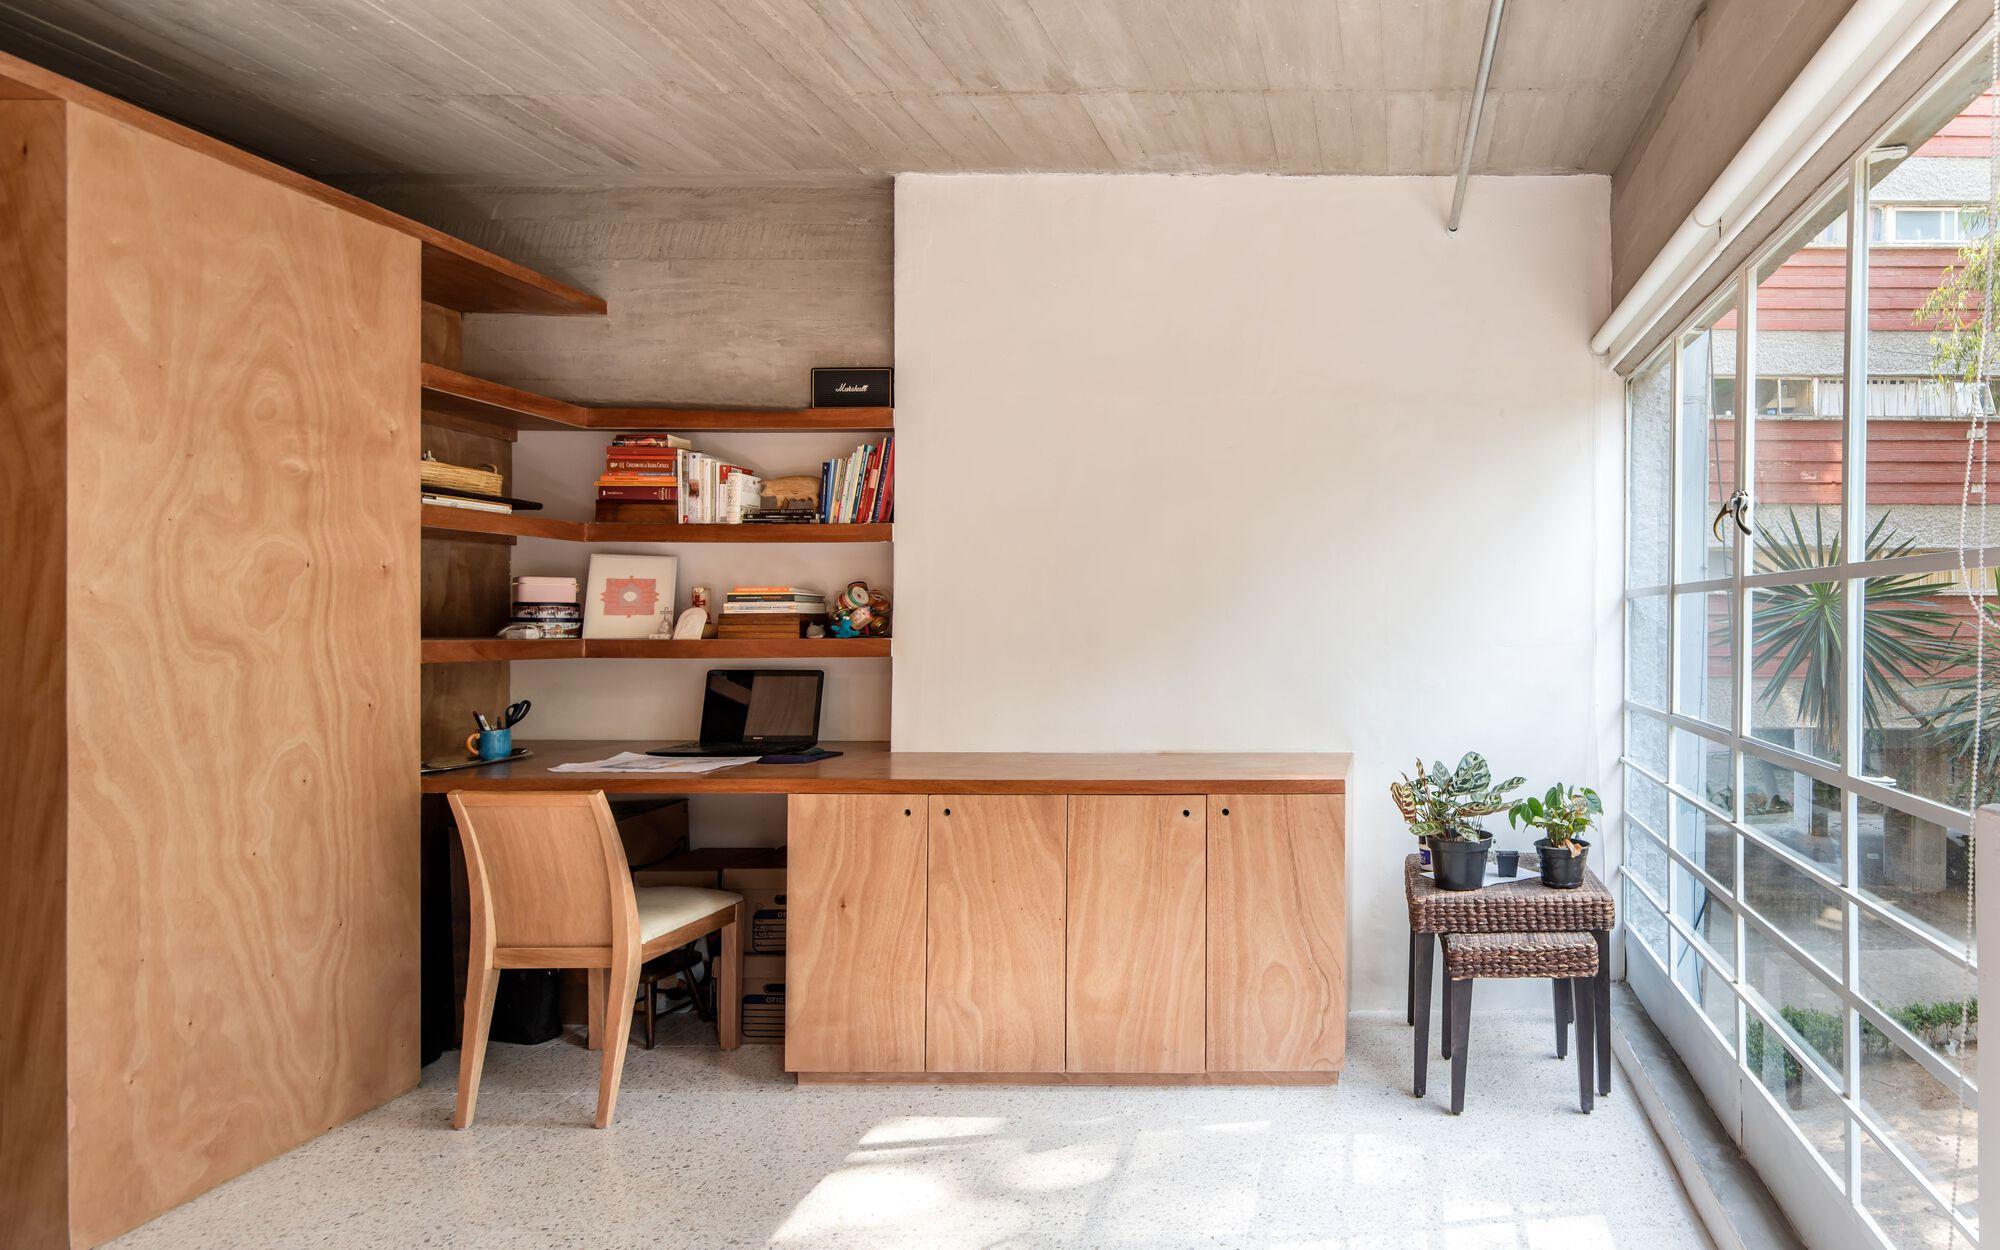 Multifamiliar Cupa Apartment Refurbishment / Escobedo Soliz